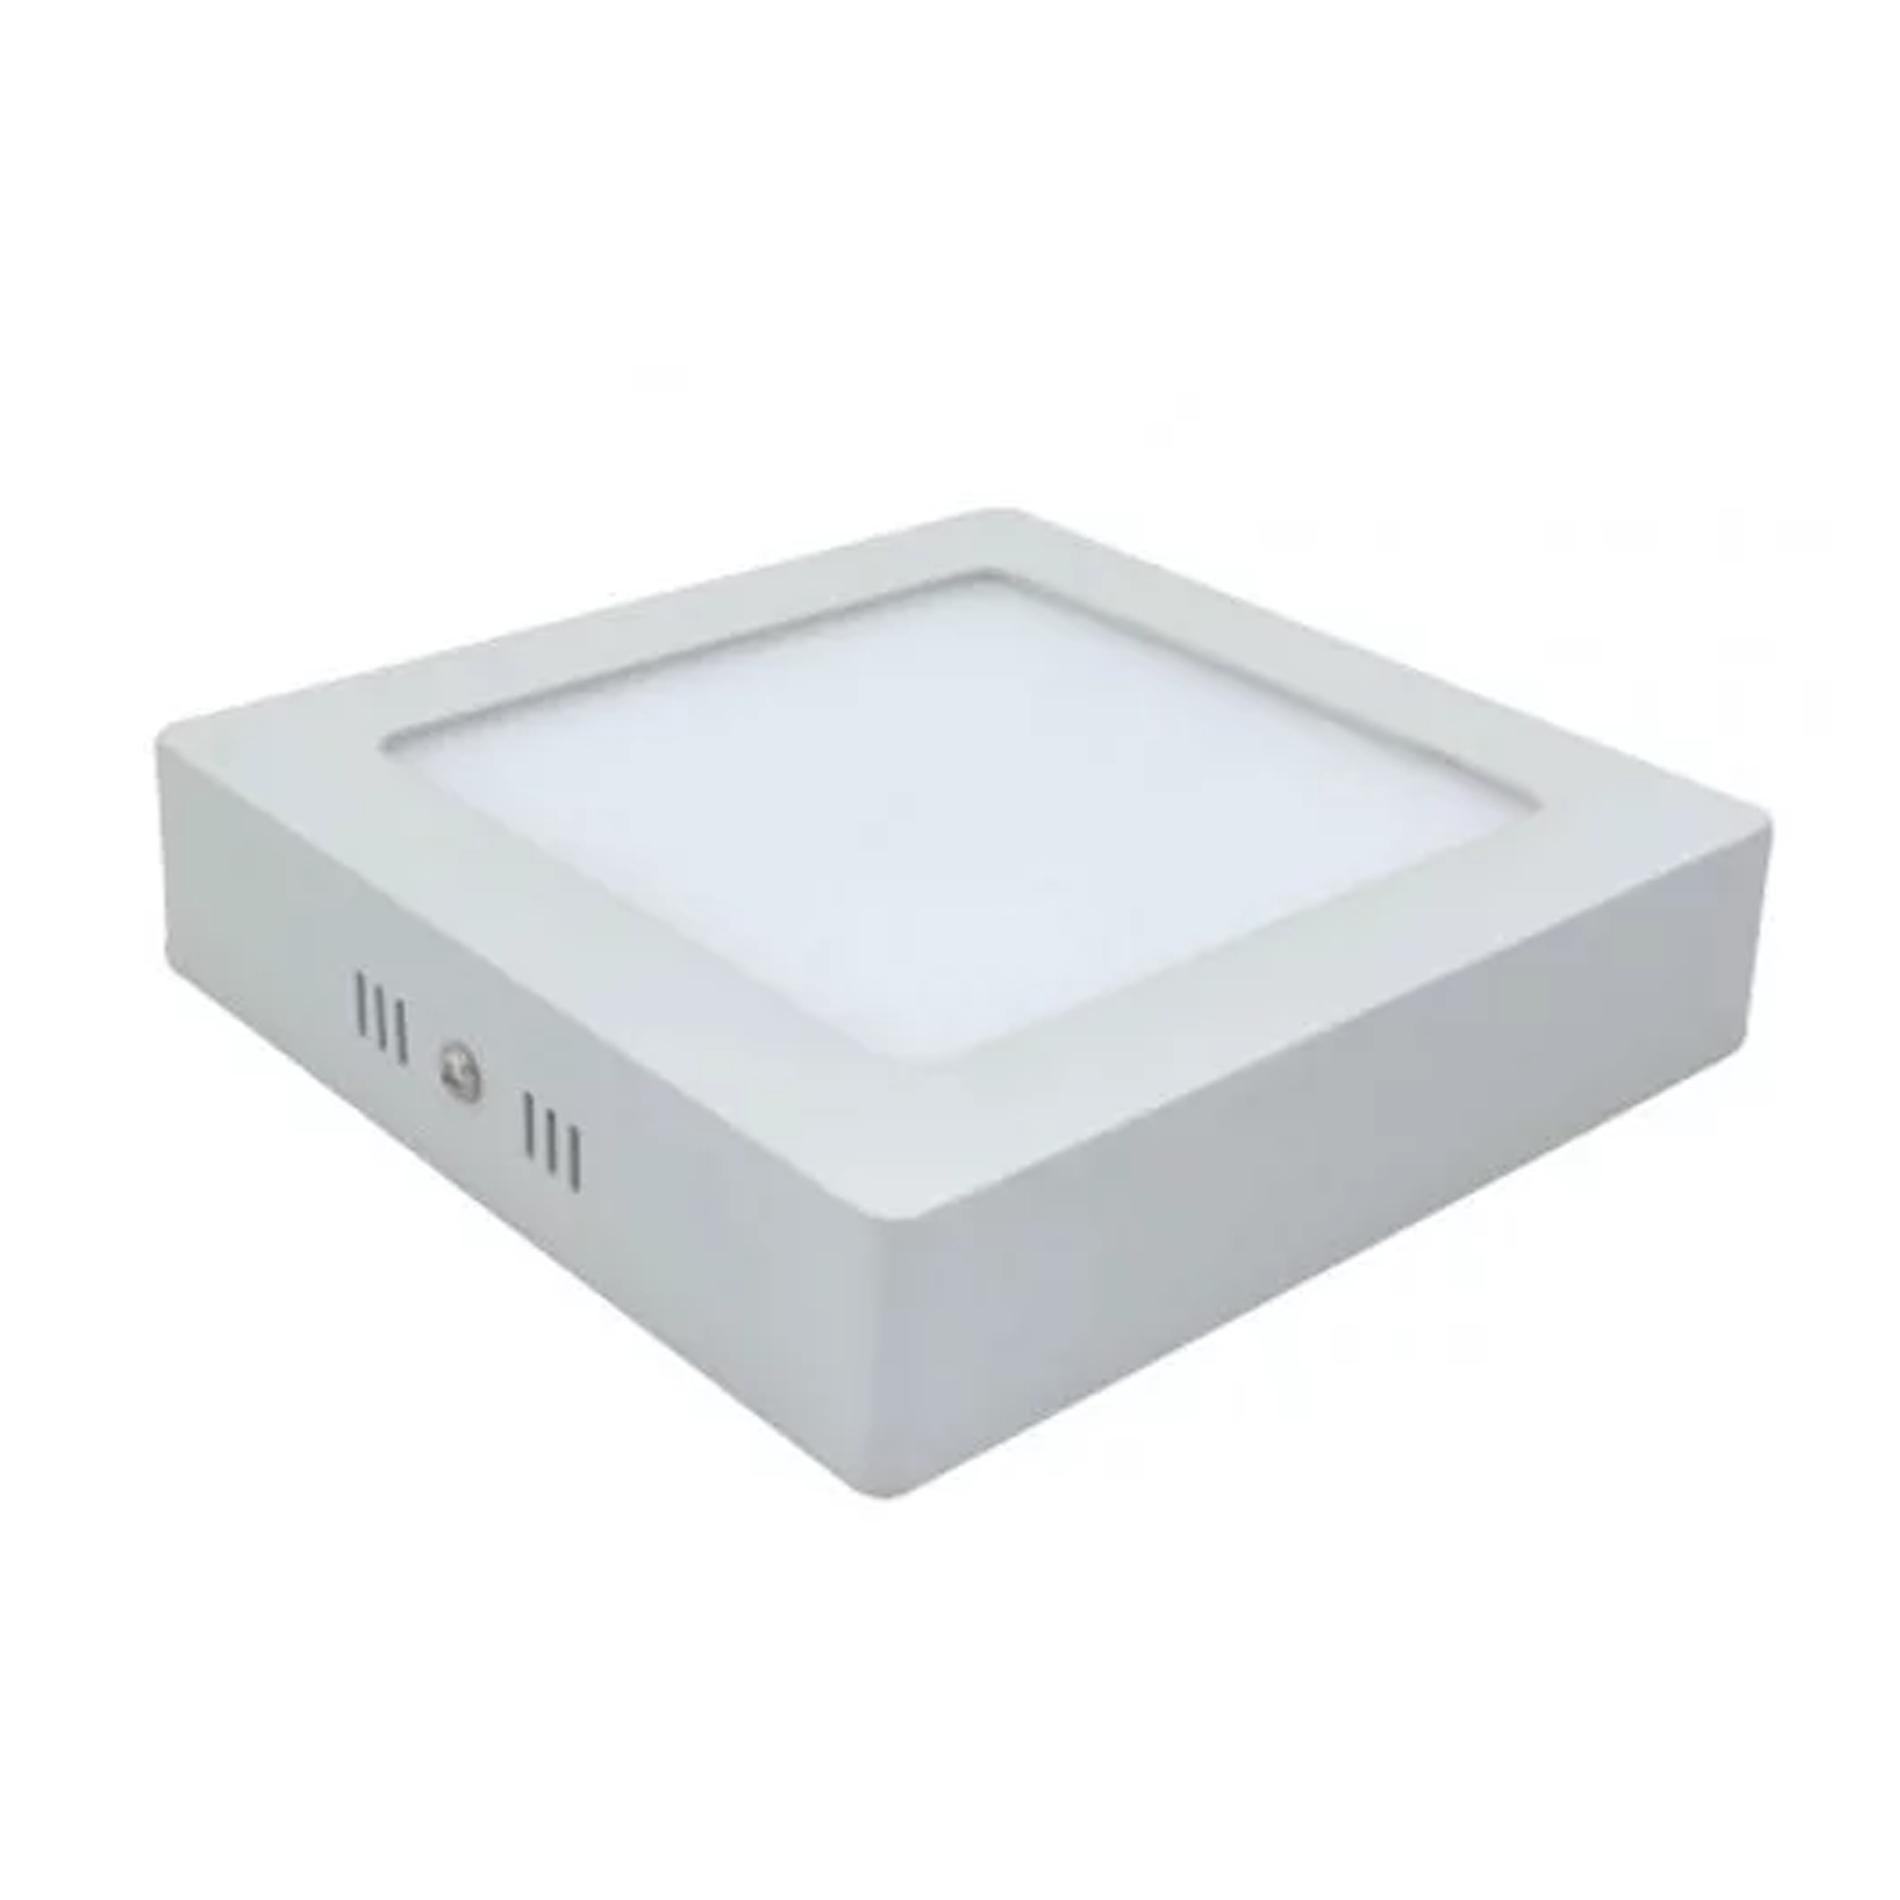 Plafon LED Sobrepor 12W Quadrado / Branco Quente